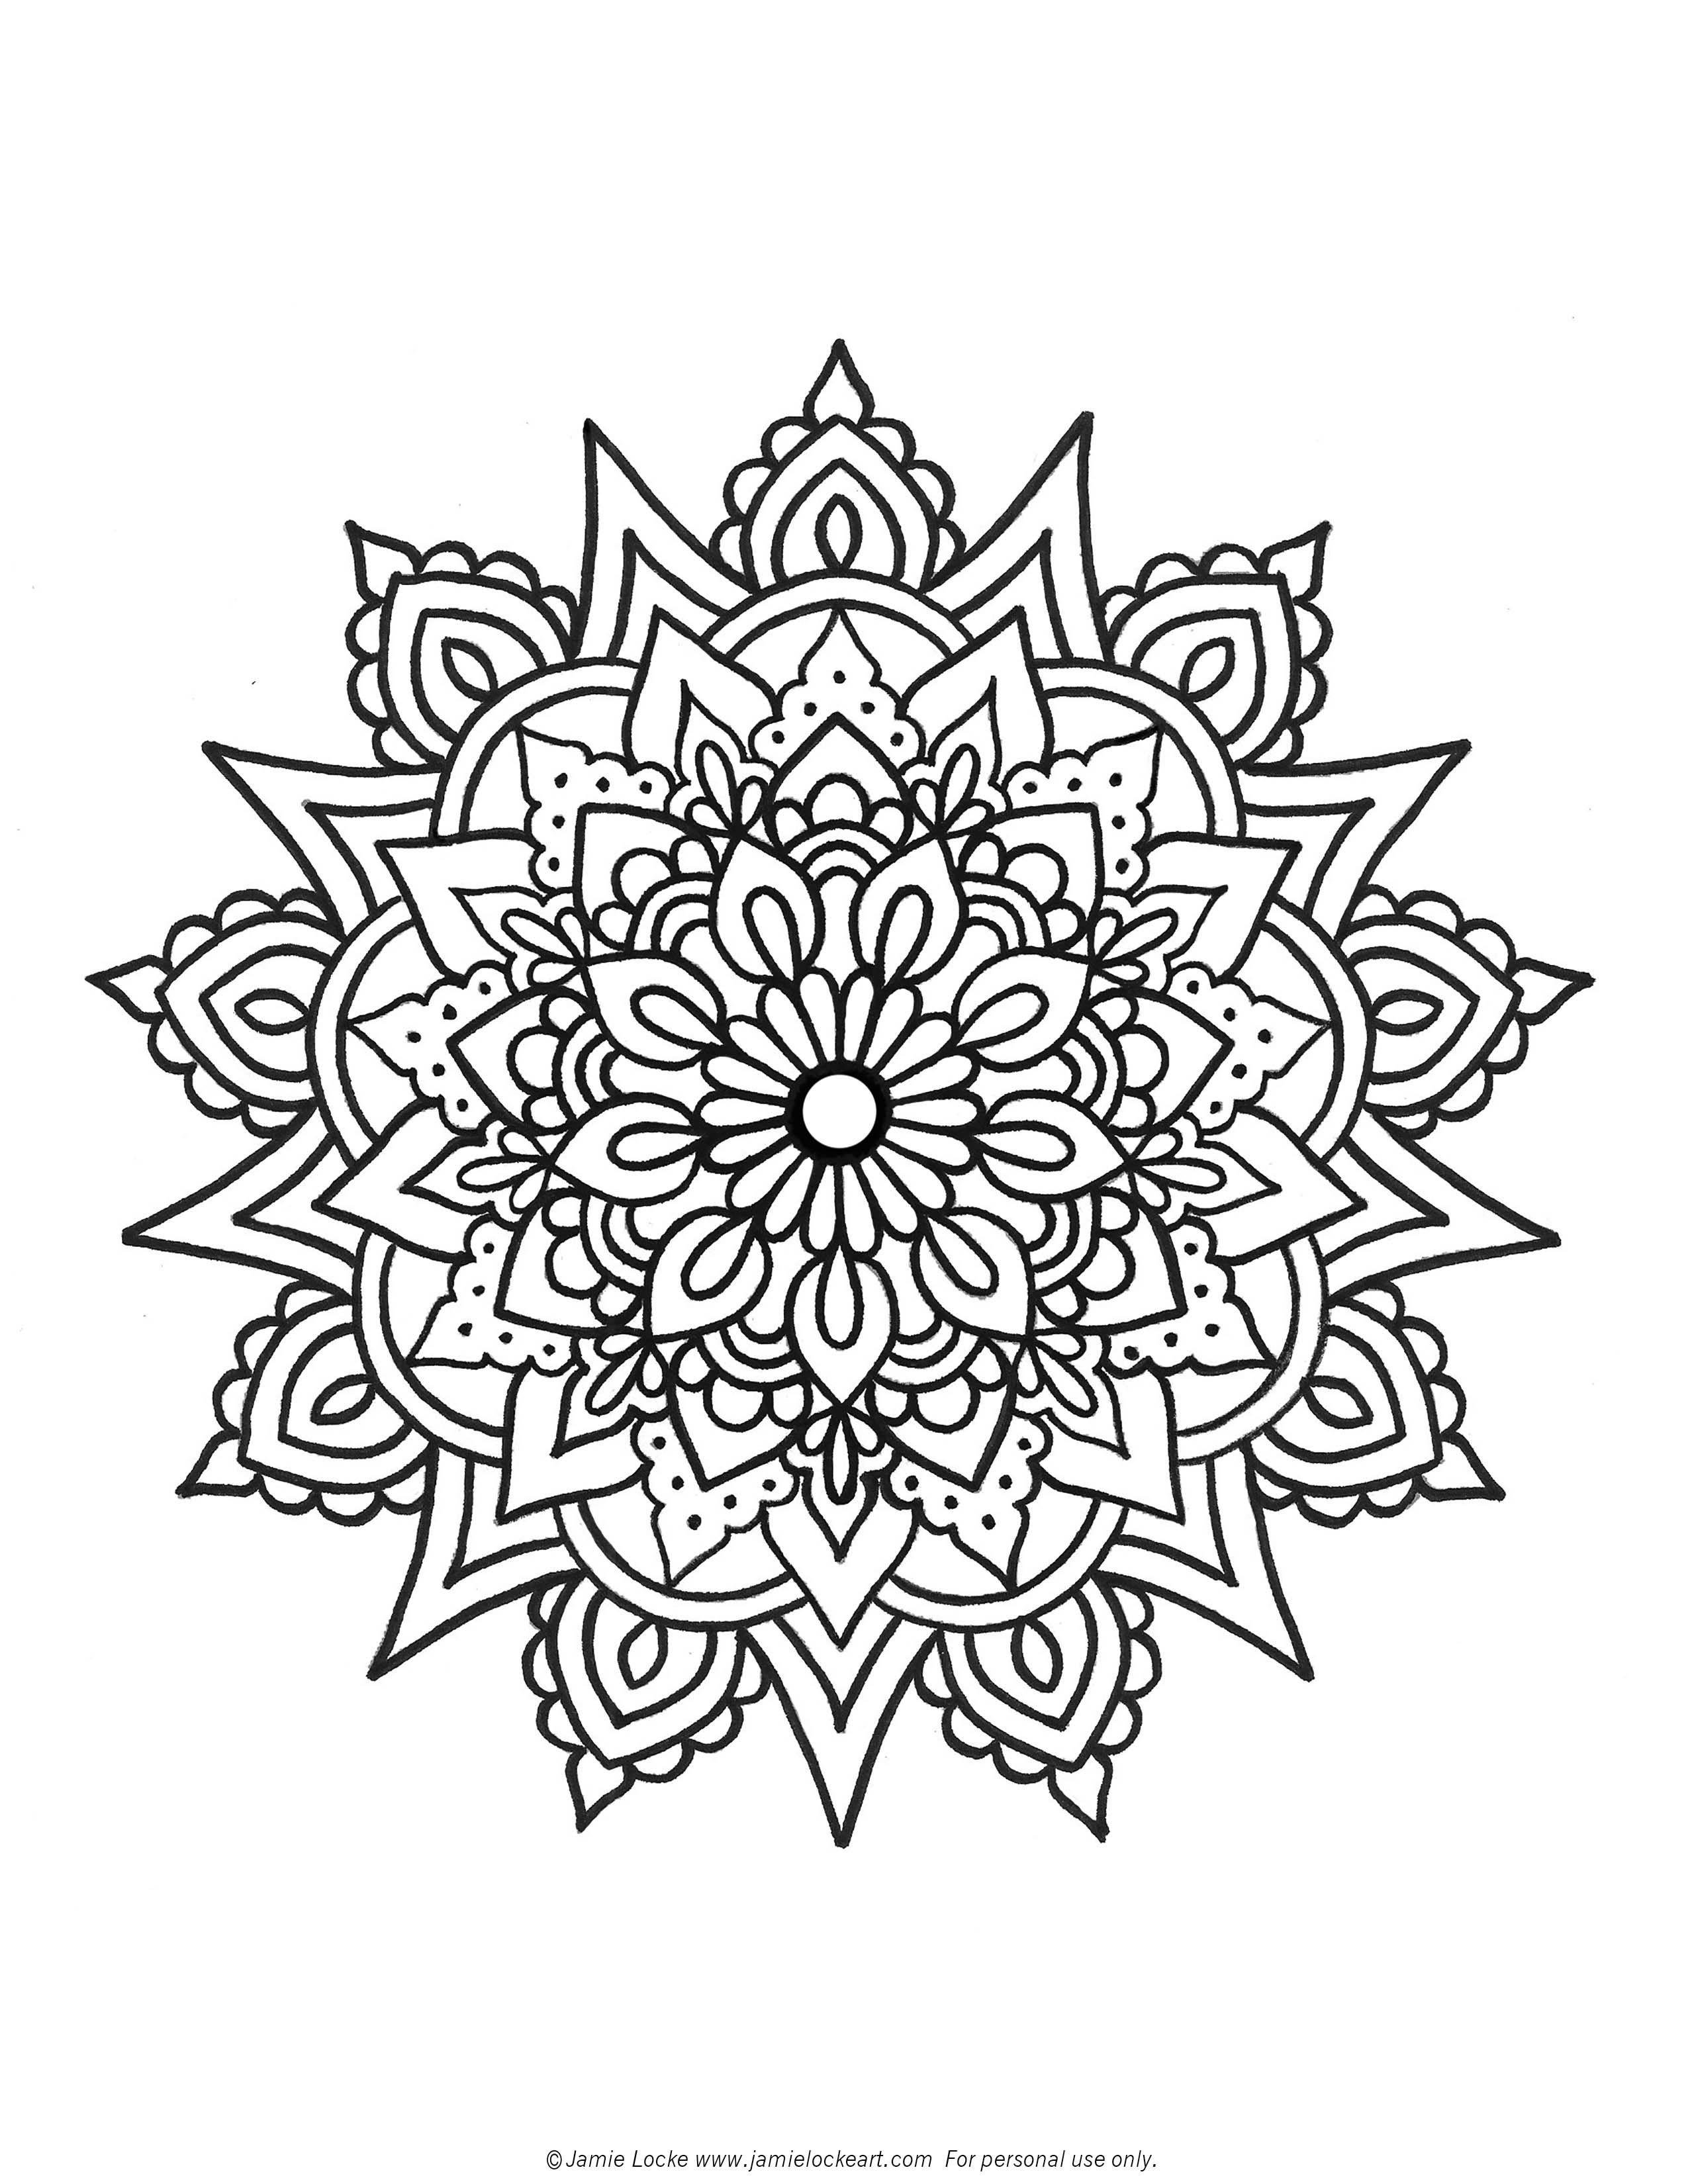 Mandalamonday1 Jamie Locke Art Mandala Coloring Books Mandala Design Geometric Mandala